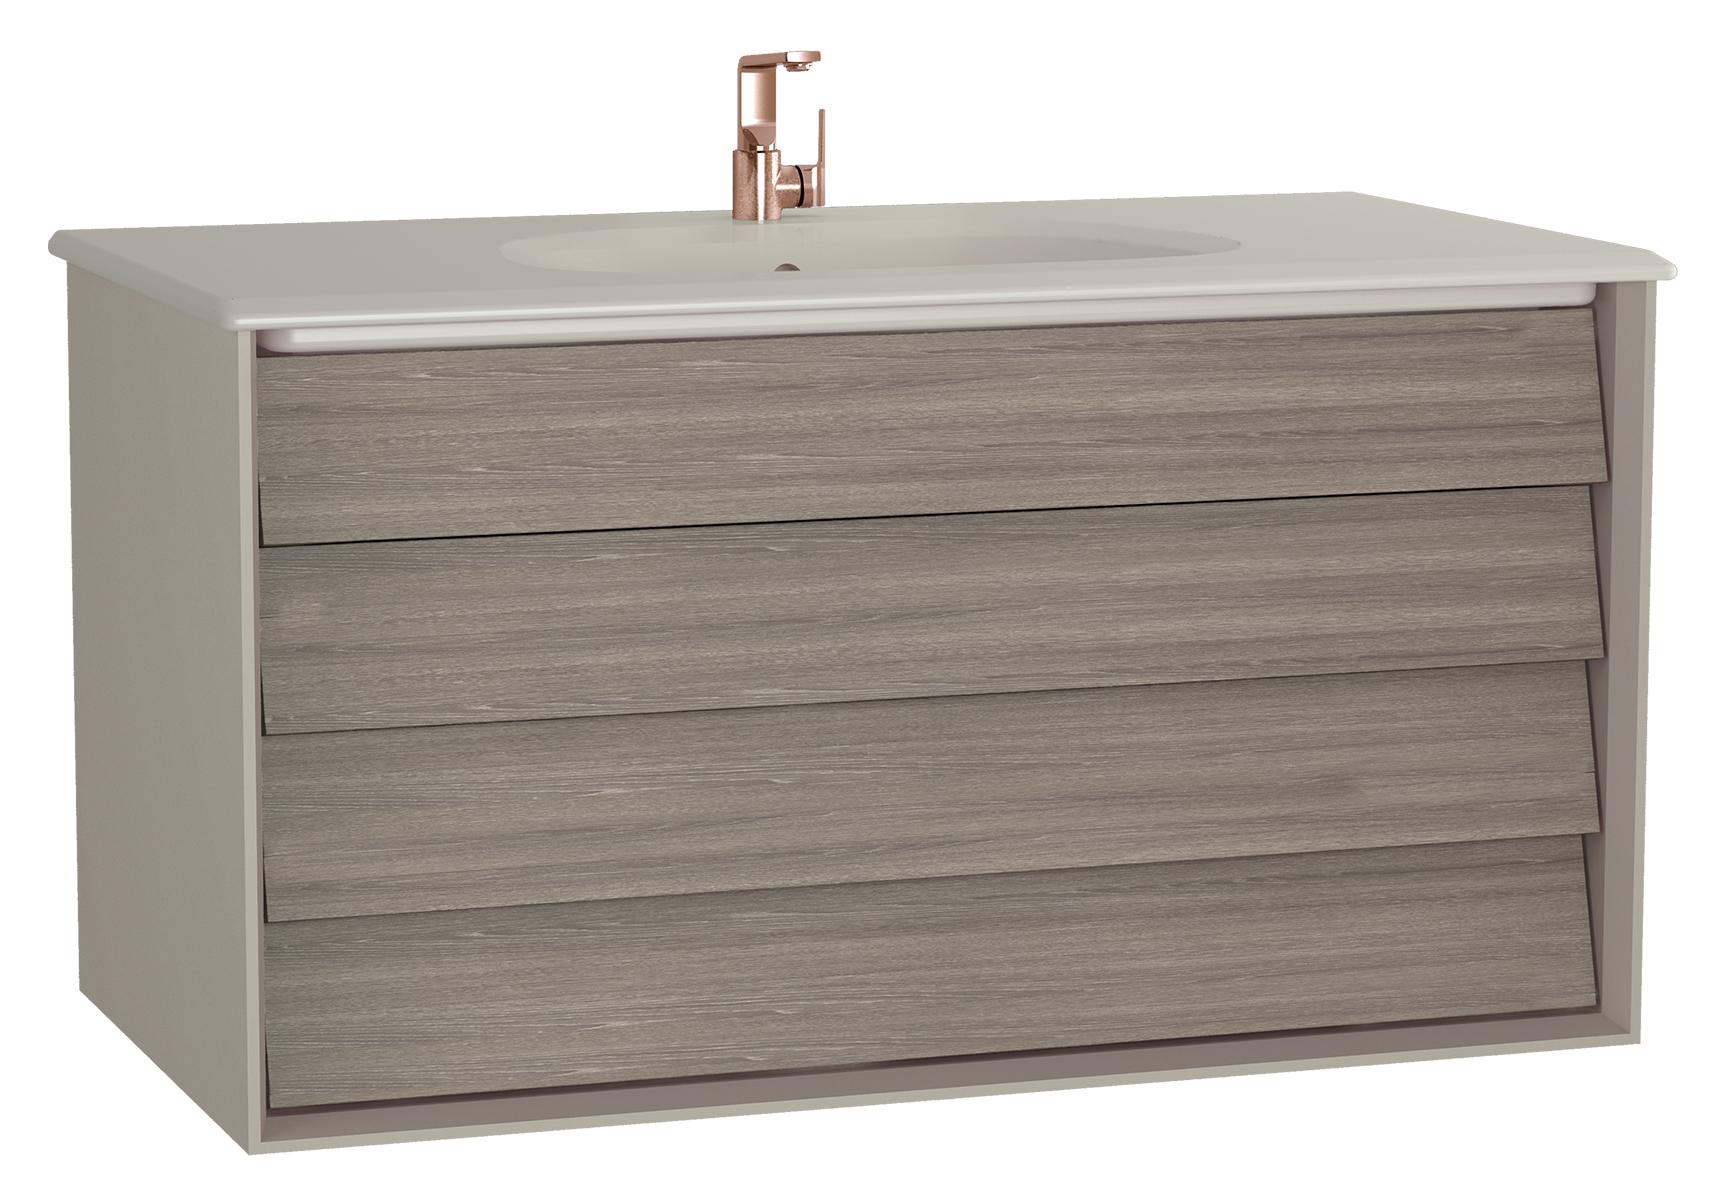 Frame meuble avec plan céramique, 102,5 cm, mat taupe, avec taupe plan céramique